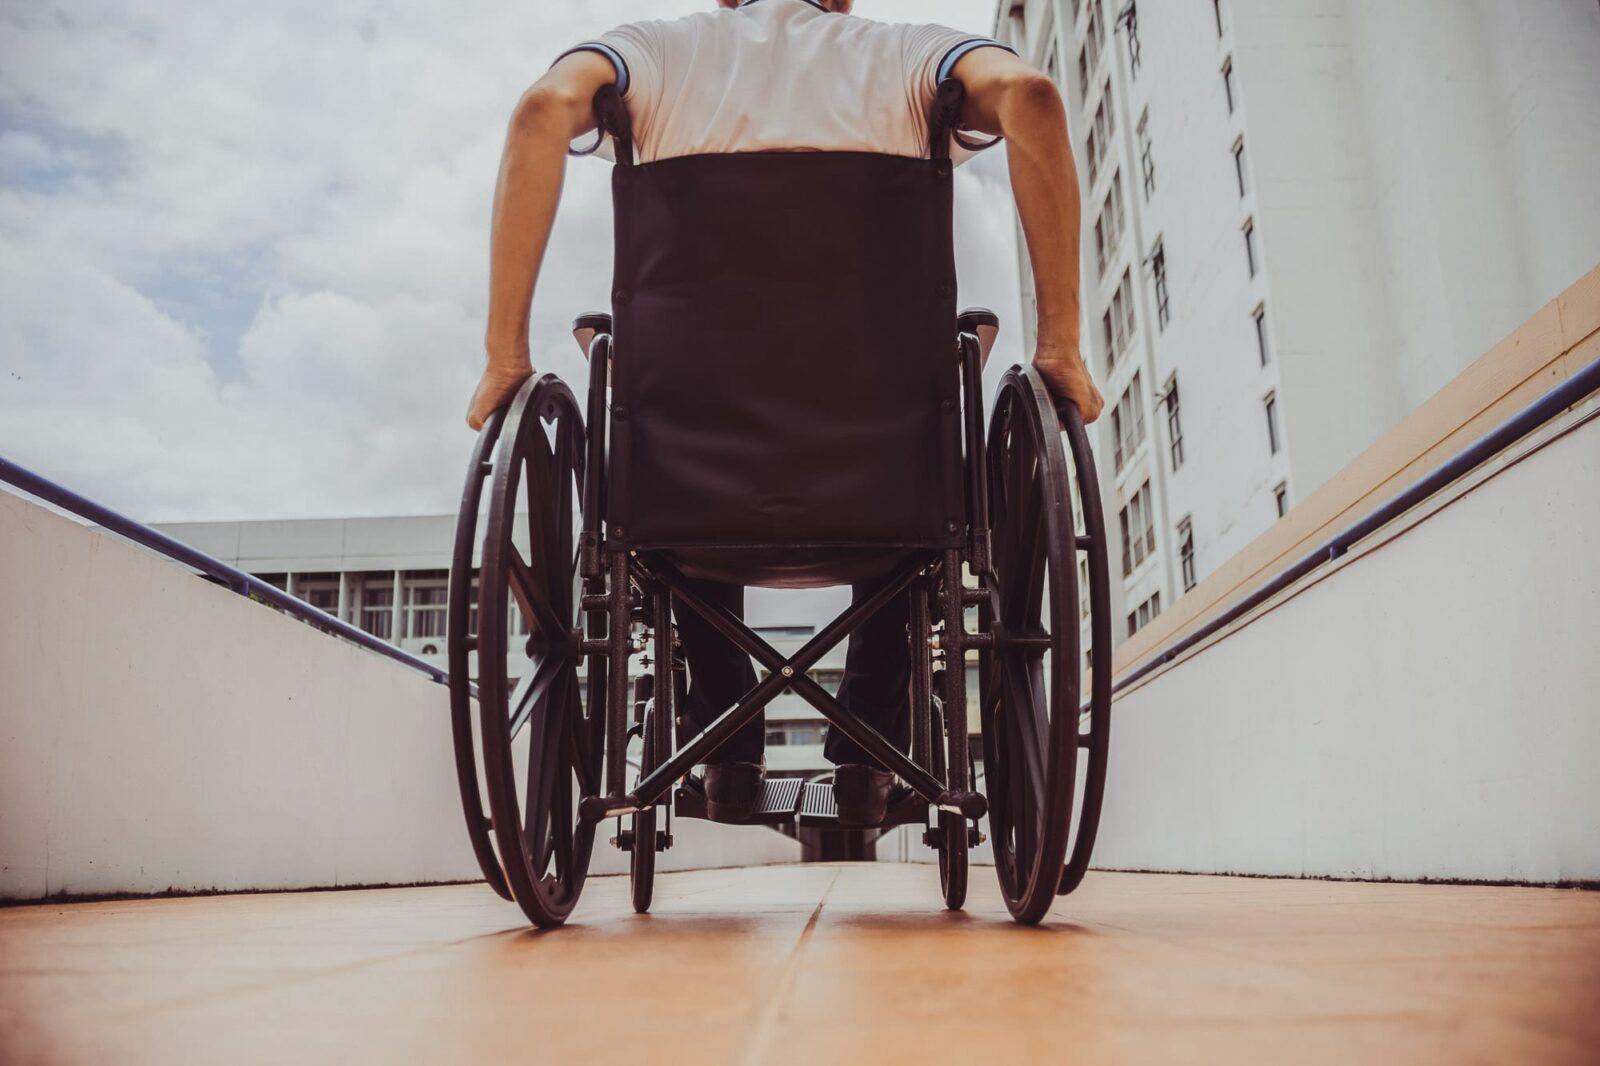 Wheelchair on platform